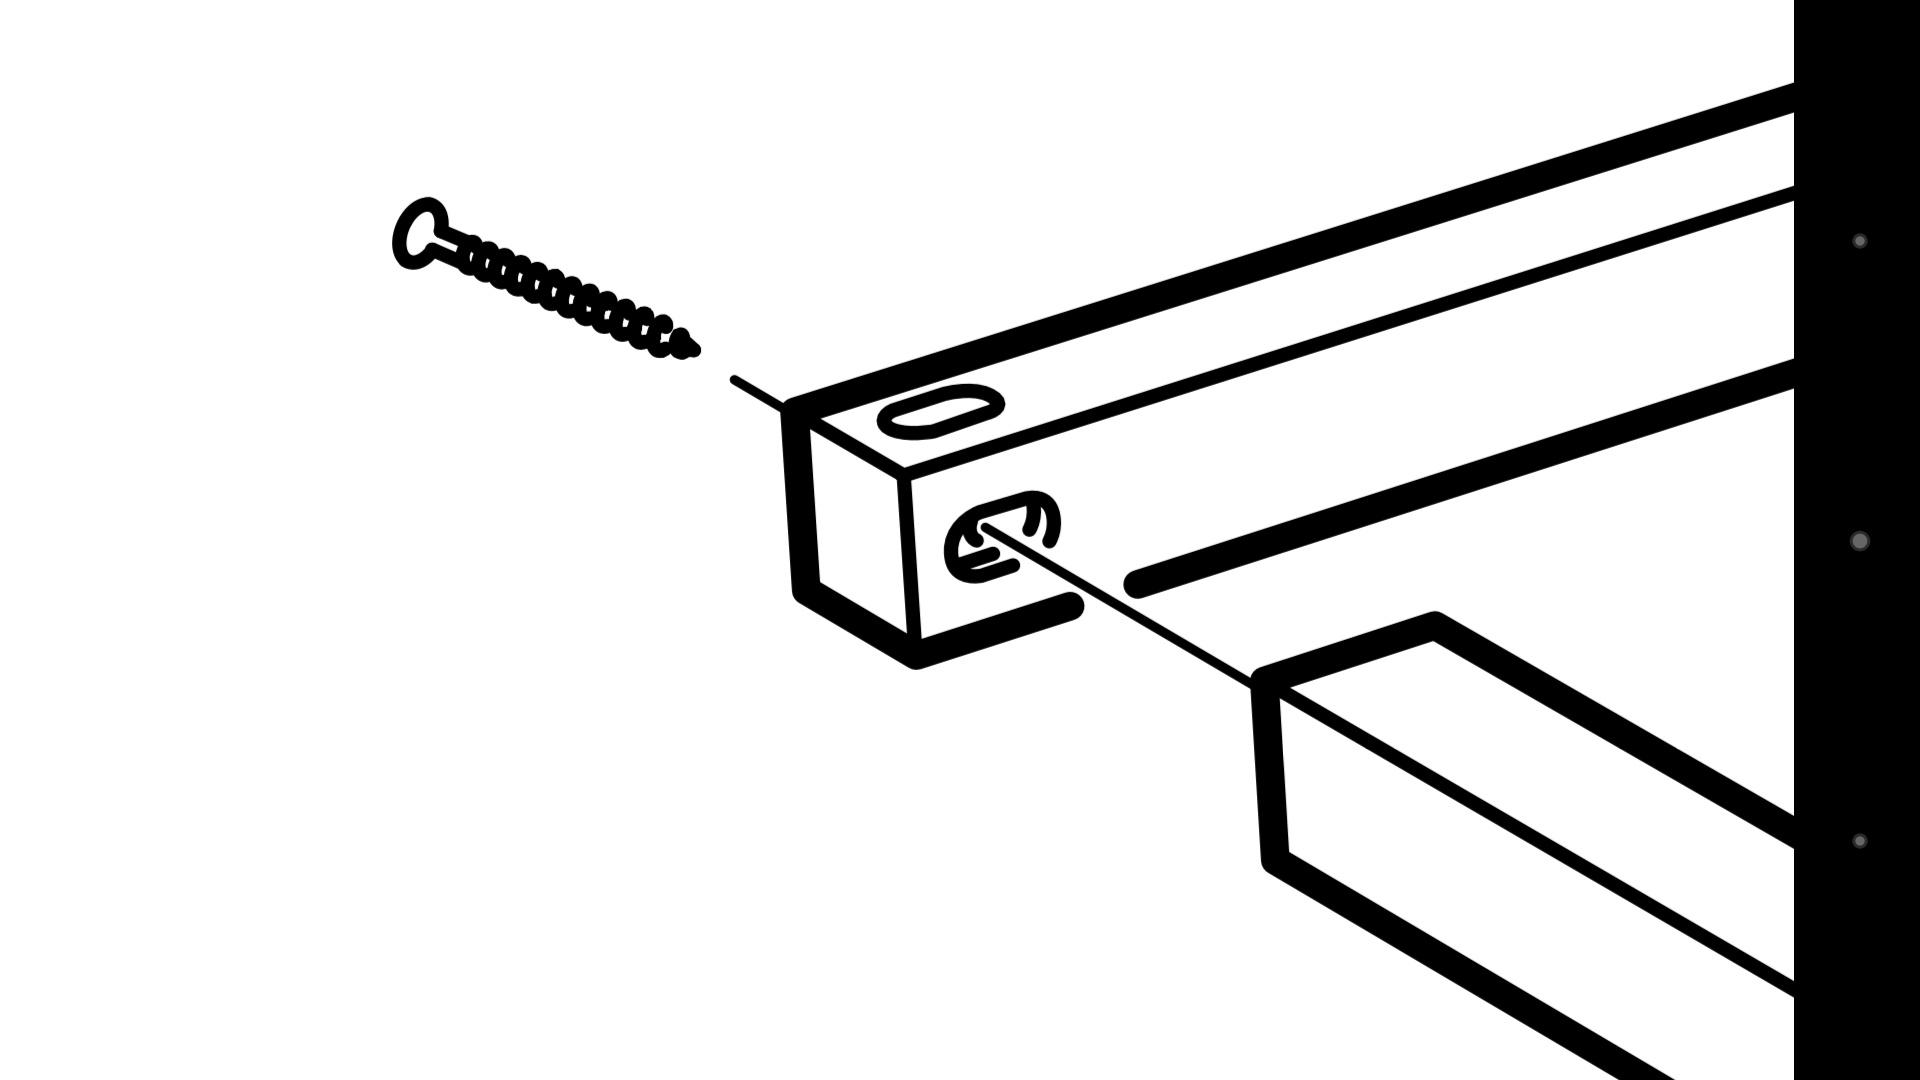 Duda principiante modificación ensamble - Torneado de madera ...